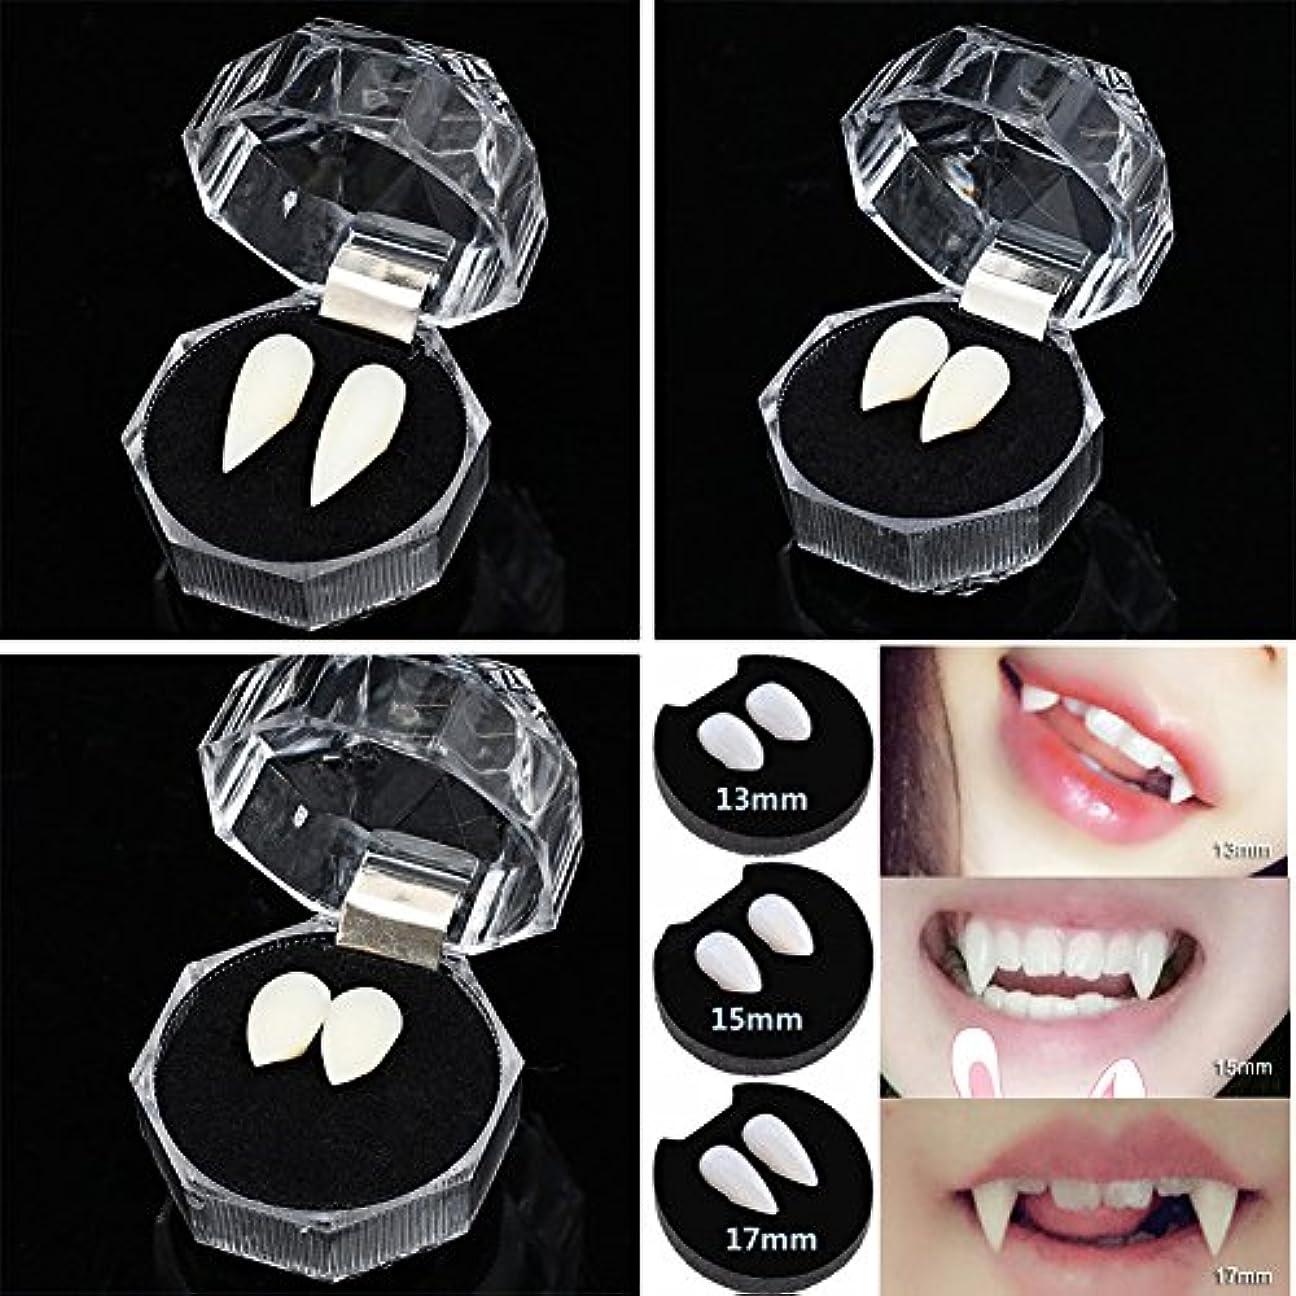 優れました樹木スープLeetaker ハロウィン バンパイアの牙 付けは 男女共用 おしゃれ かわいい かっこいい コスプレ 2本セット